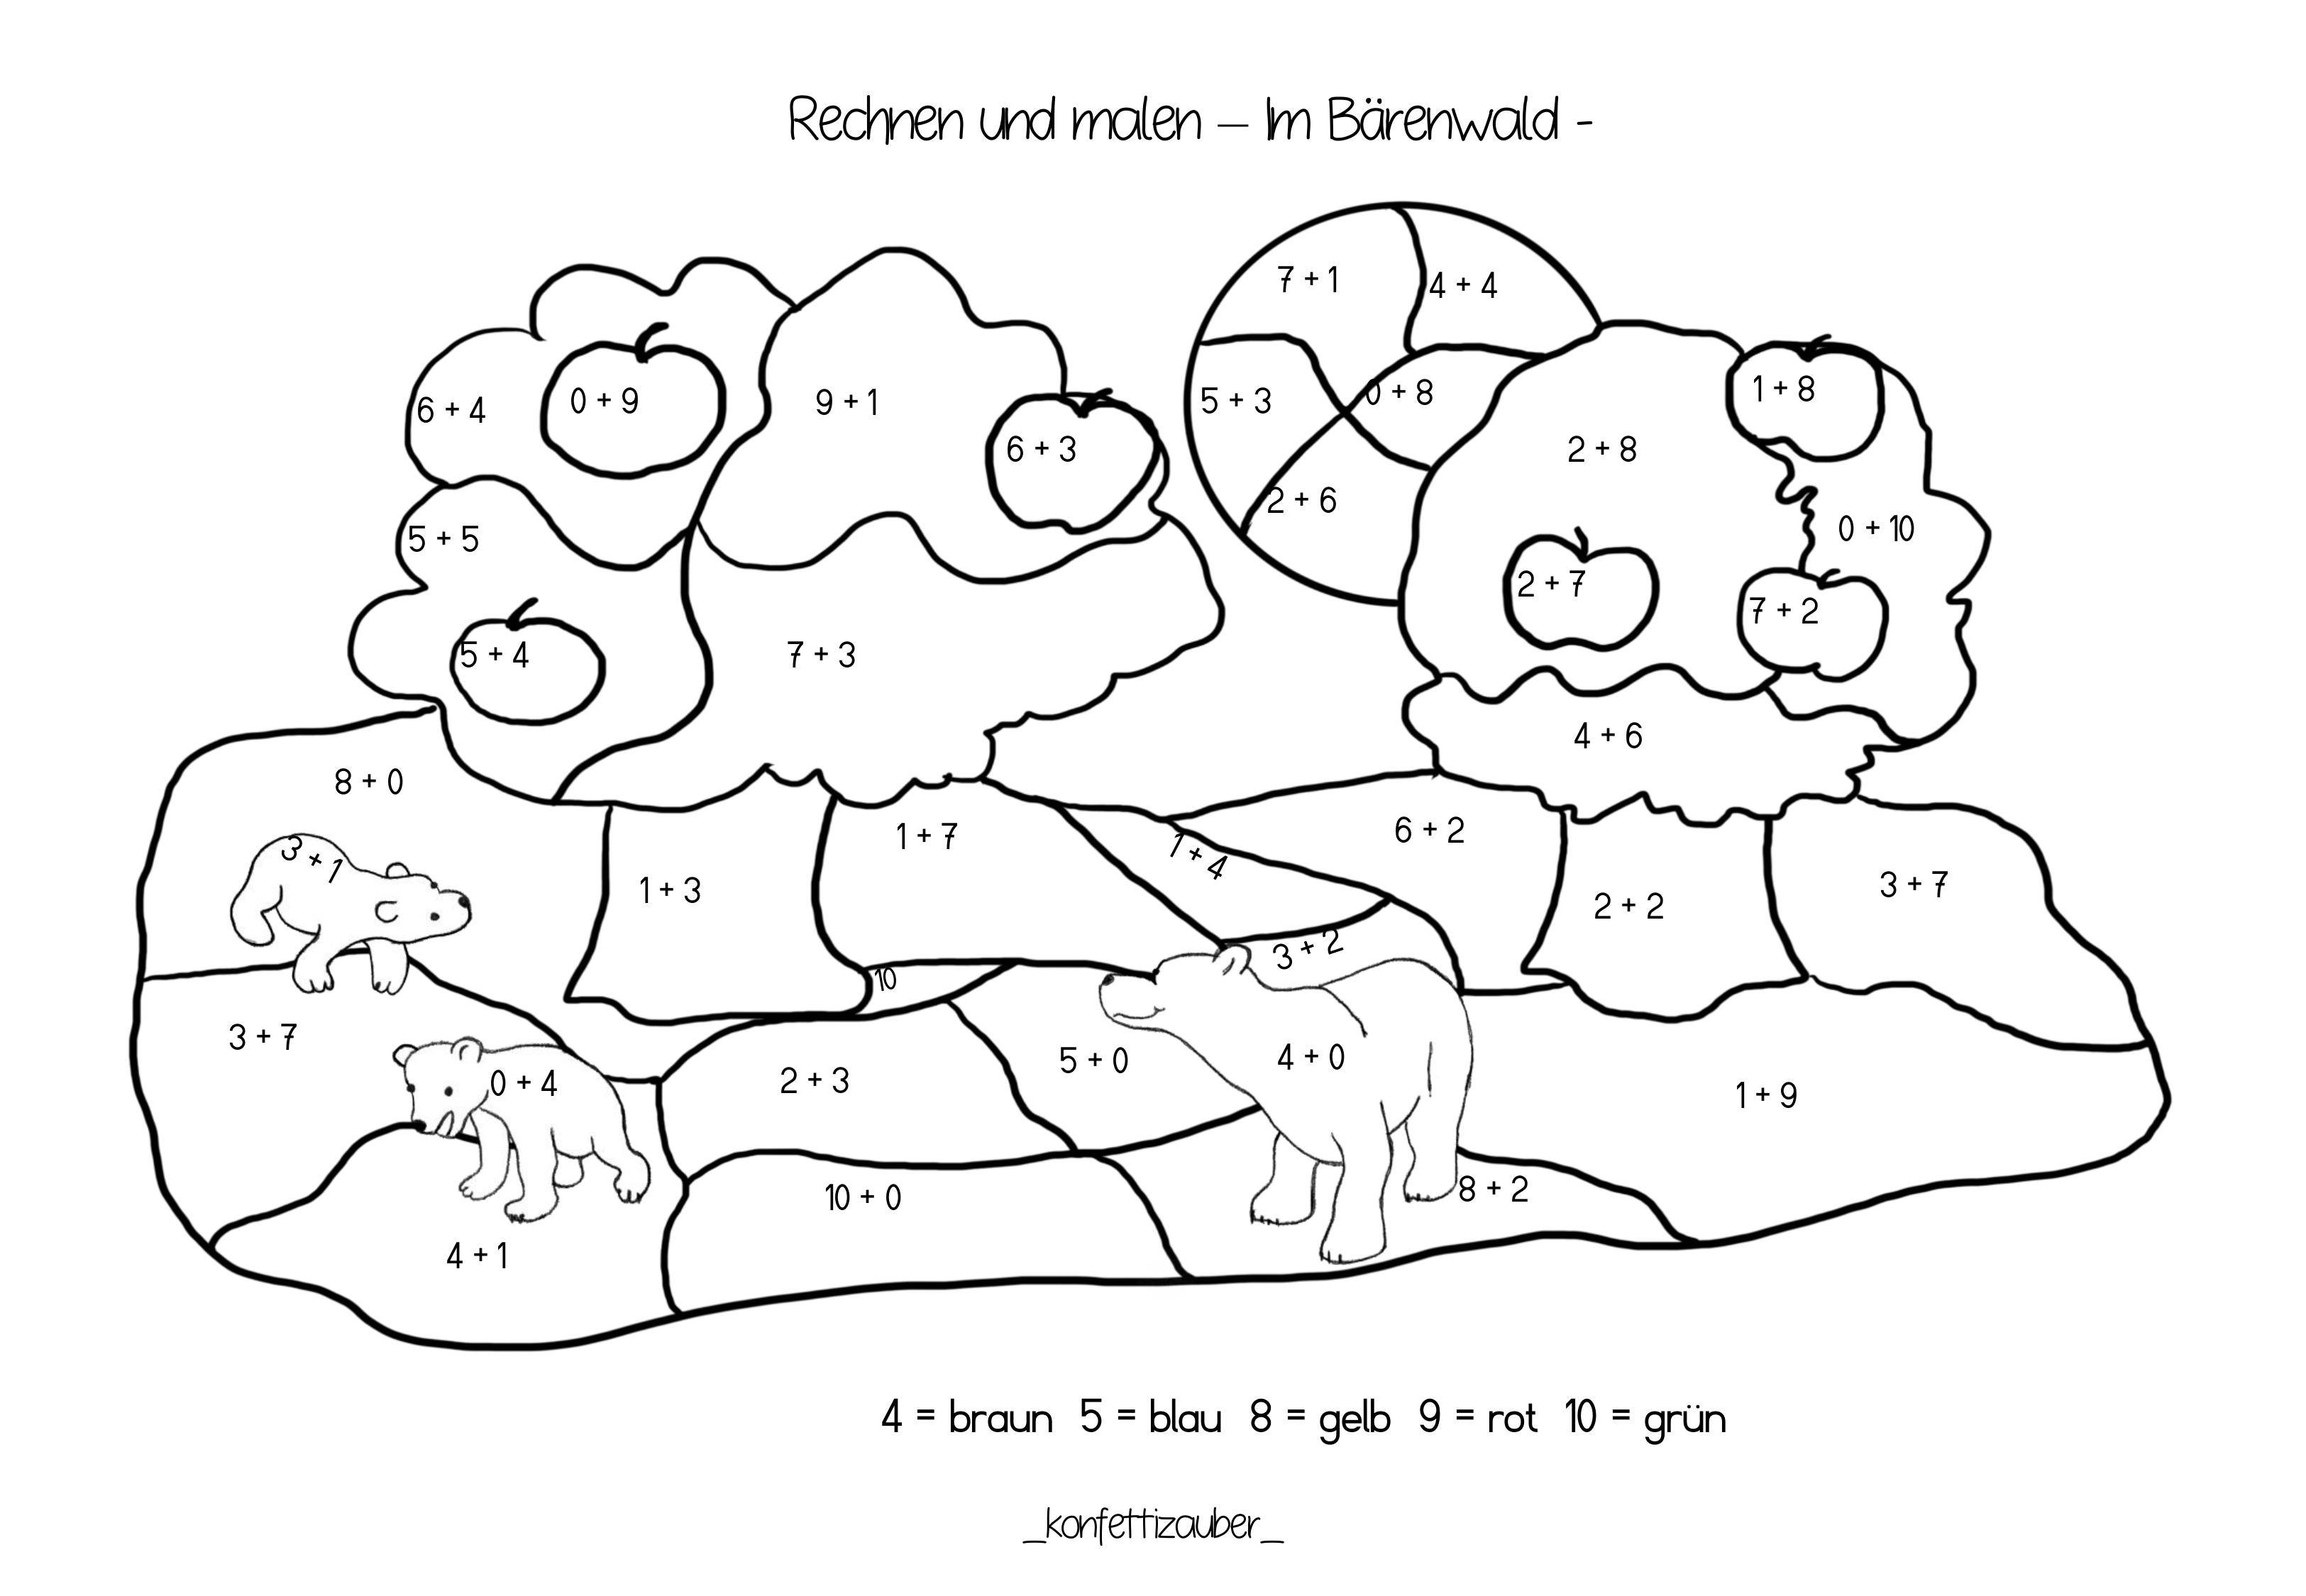 Rechnen Und Malen Addition Bis 10 Im Barenwald Unterrichtsmaterial In Den Fachern Kunst Mathematik Rechnen Informatik Kunst Grundschule